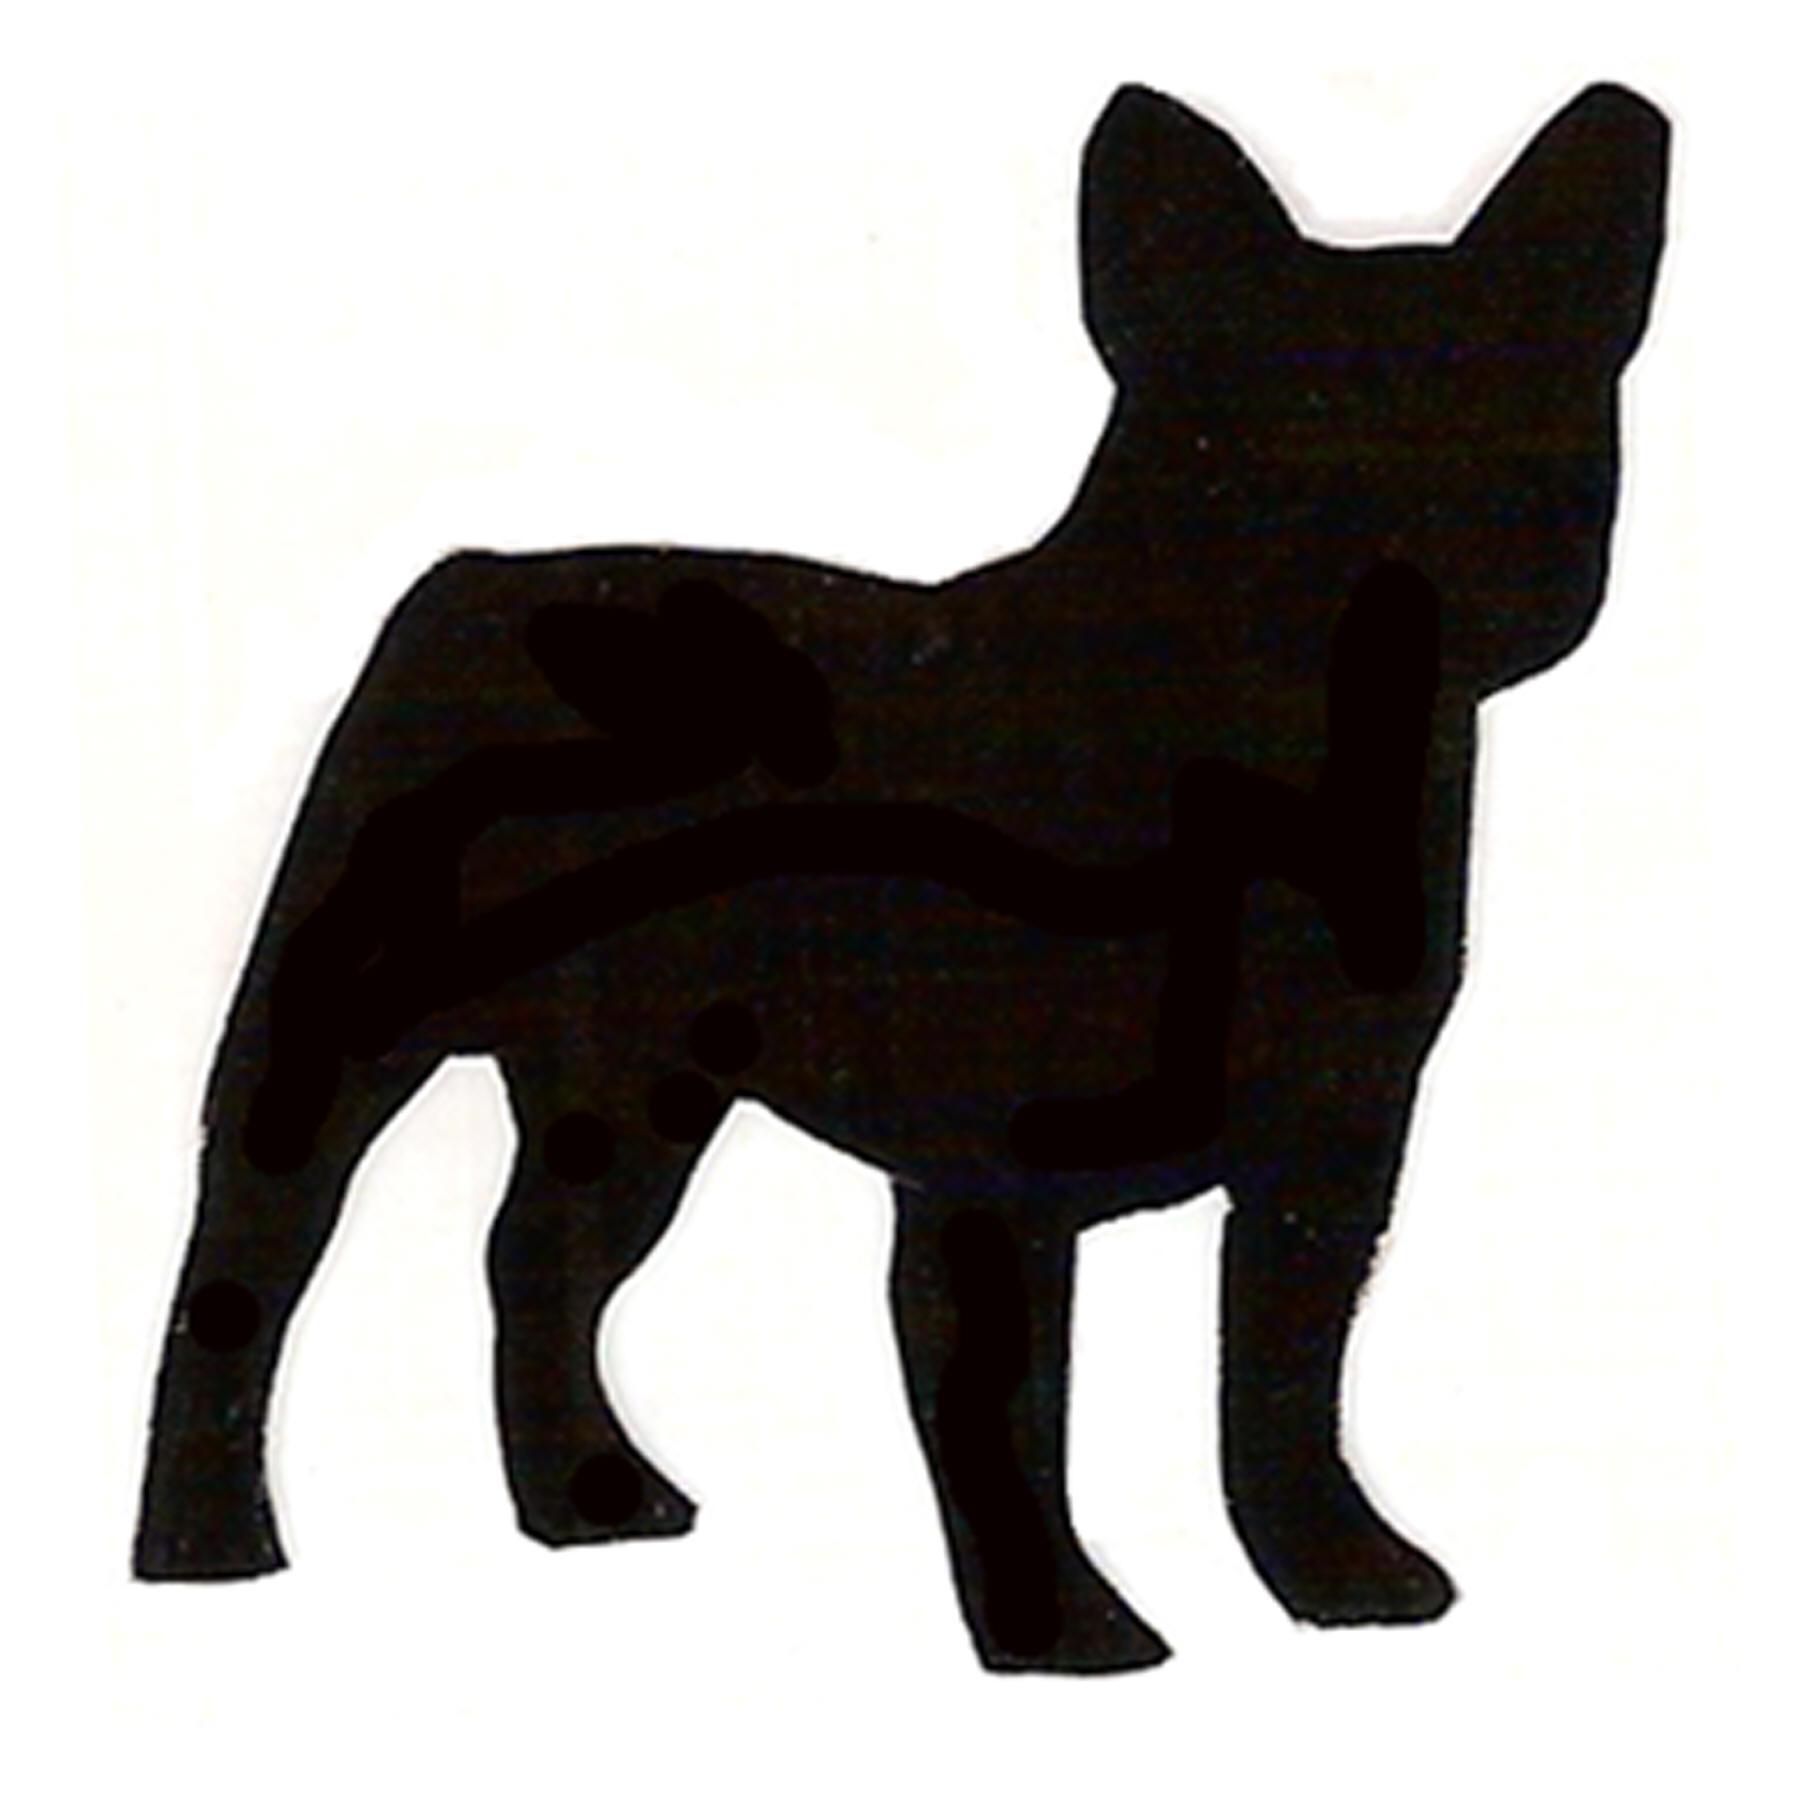 Bulldog Clipart Black And ..-Bulldog Clipart Black And ..-10